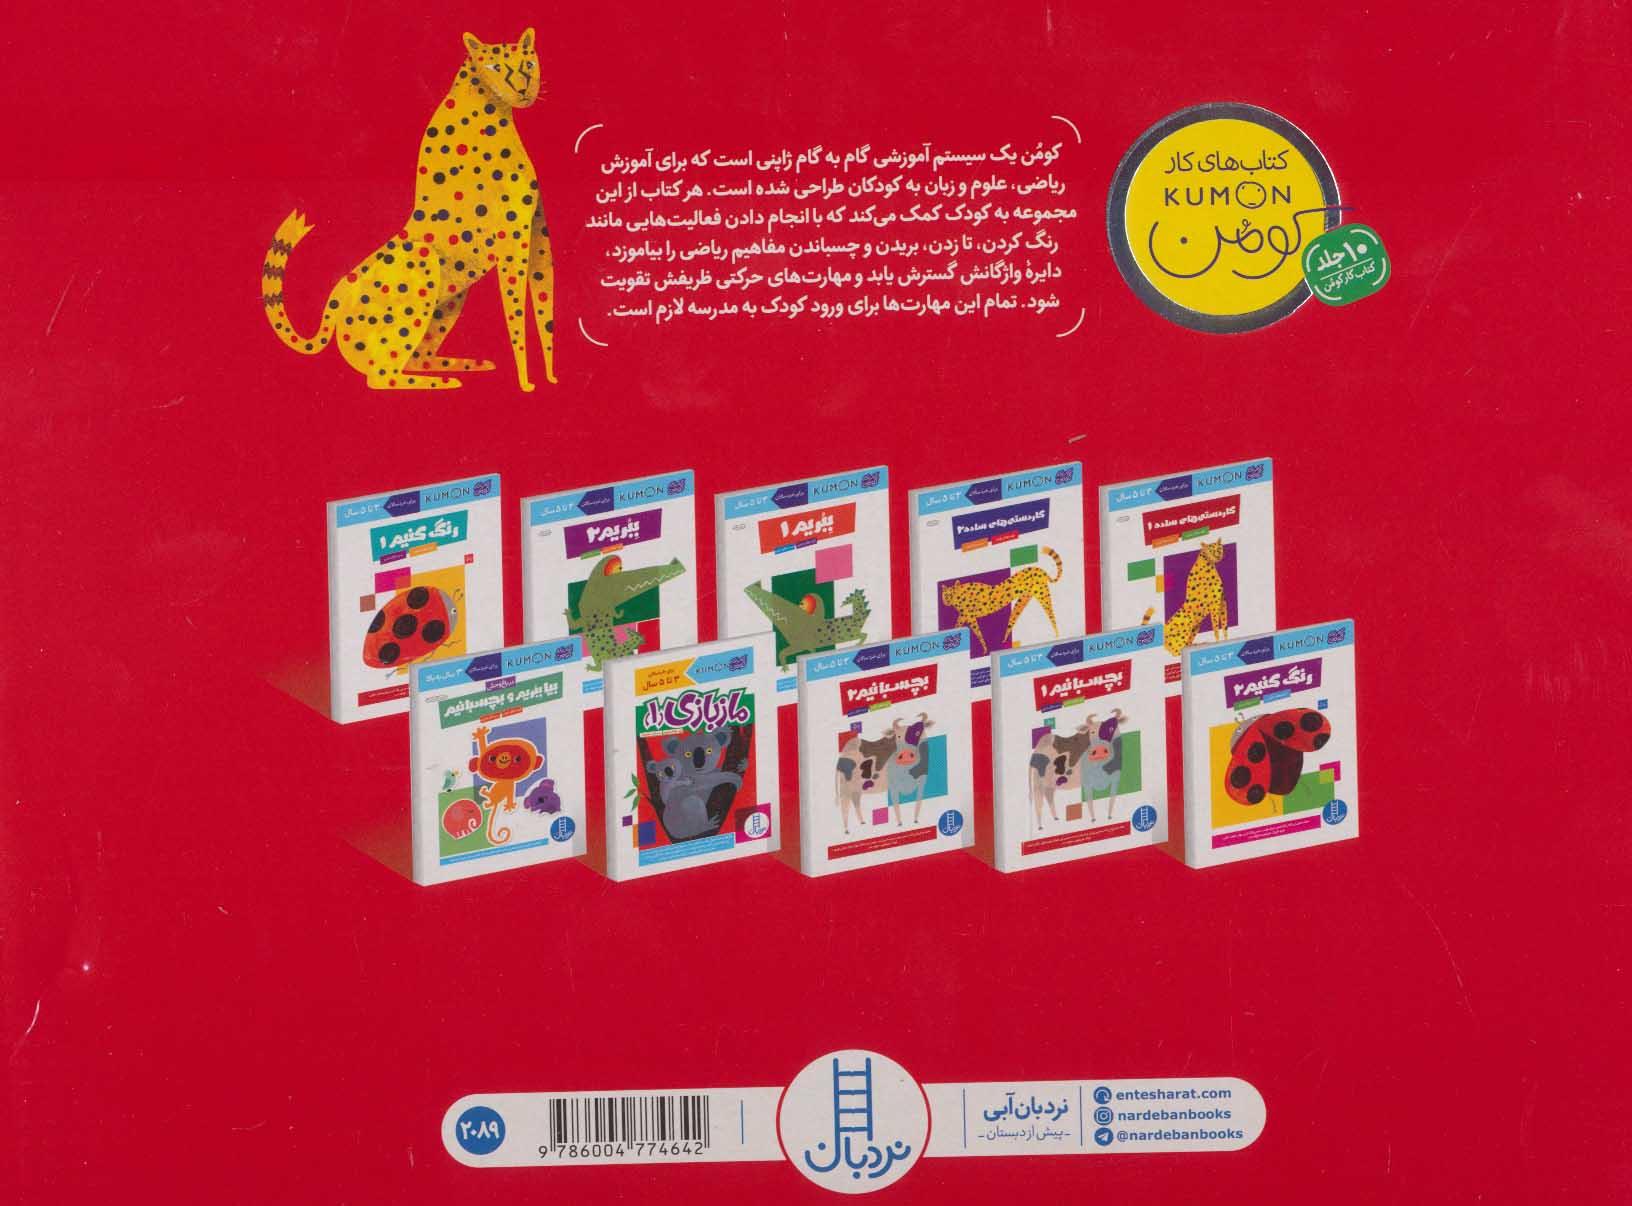 کیف کتاب های کار کومن (بسته کامل دست ورزی و مهارت های پایه،3 تا 5 سال)،(10جلدی،باجعبه)